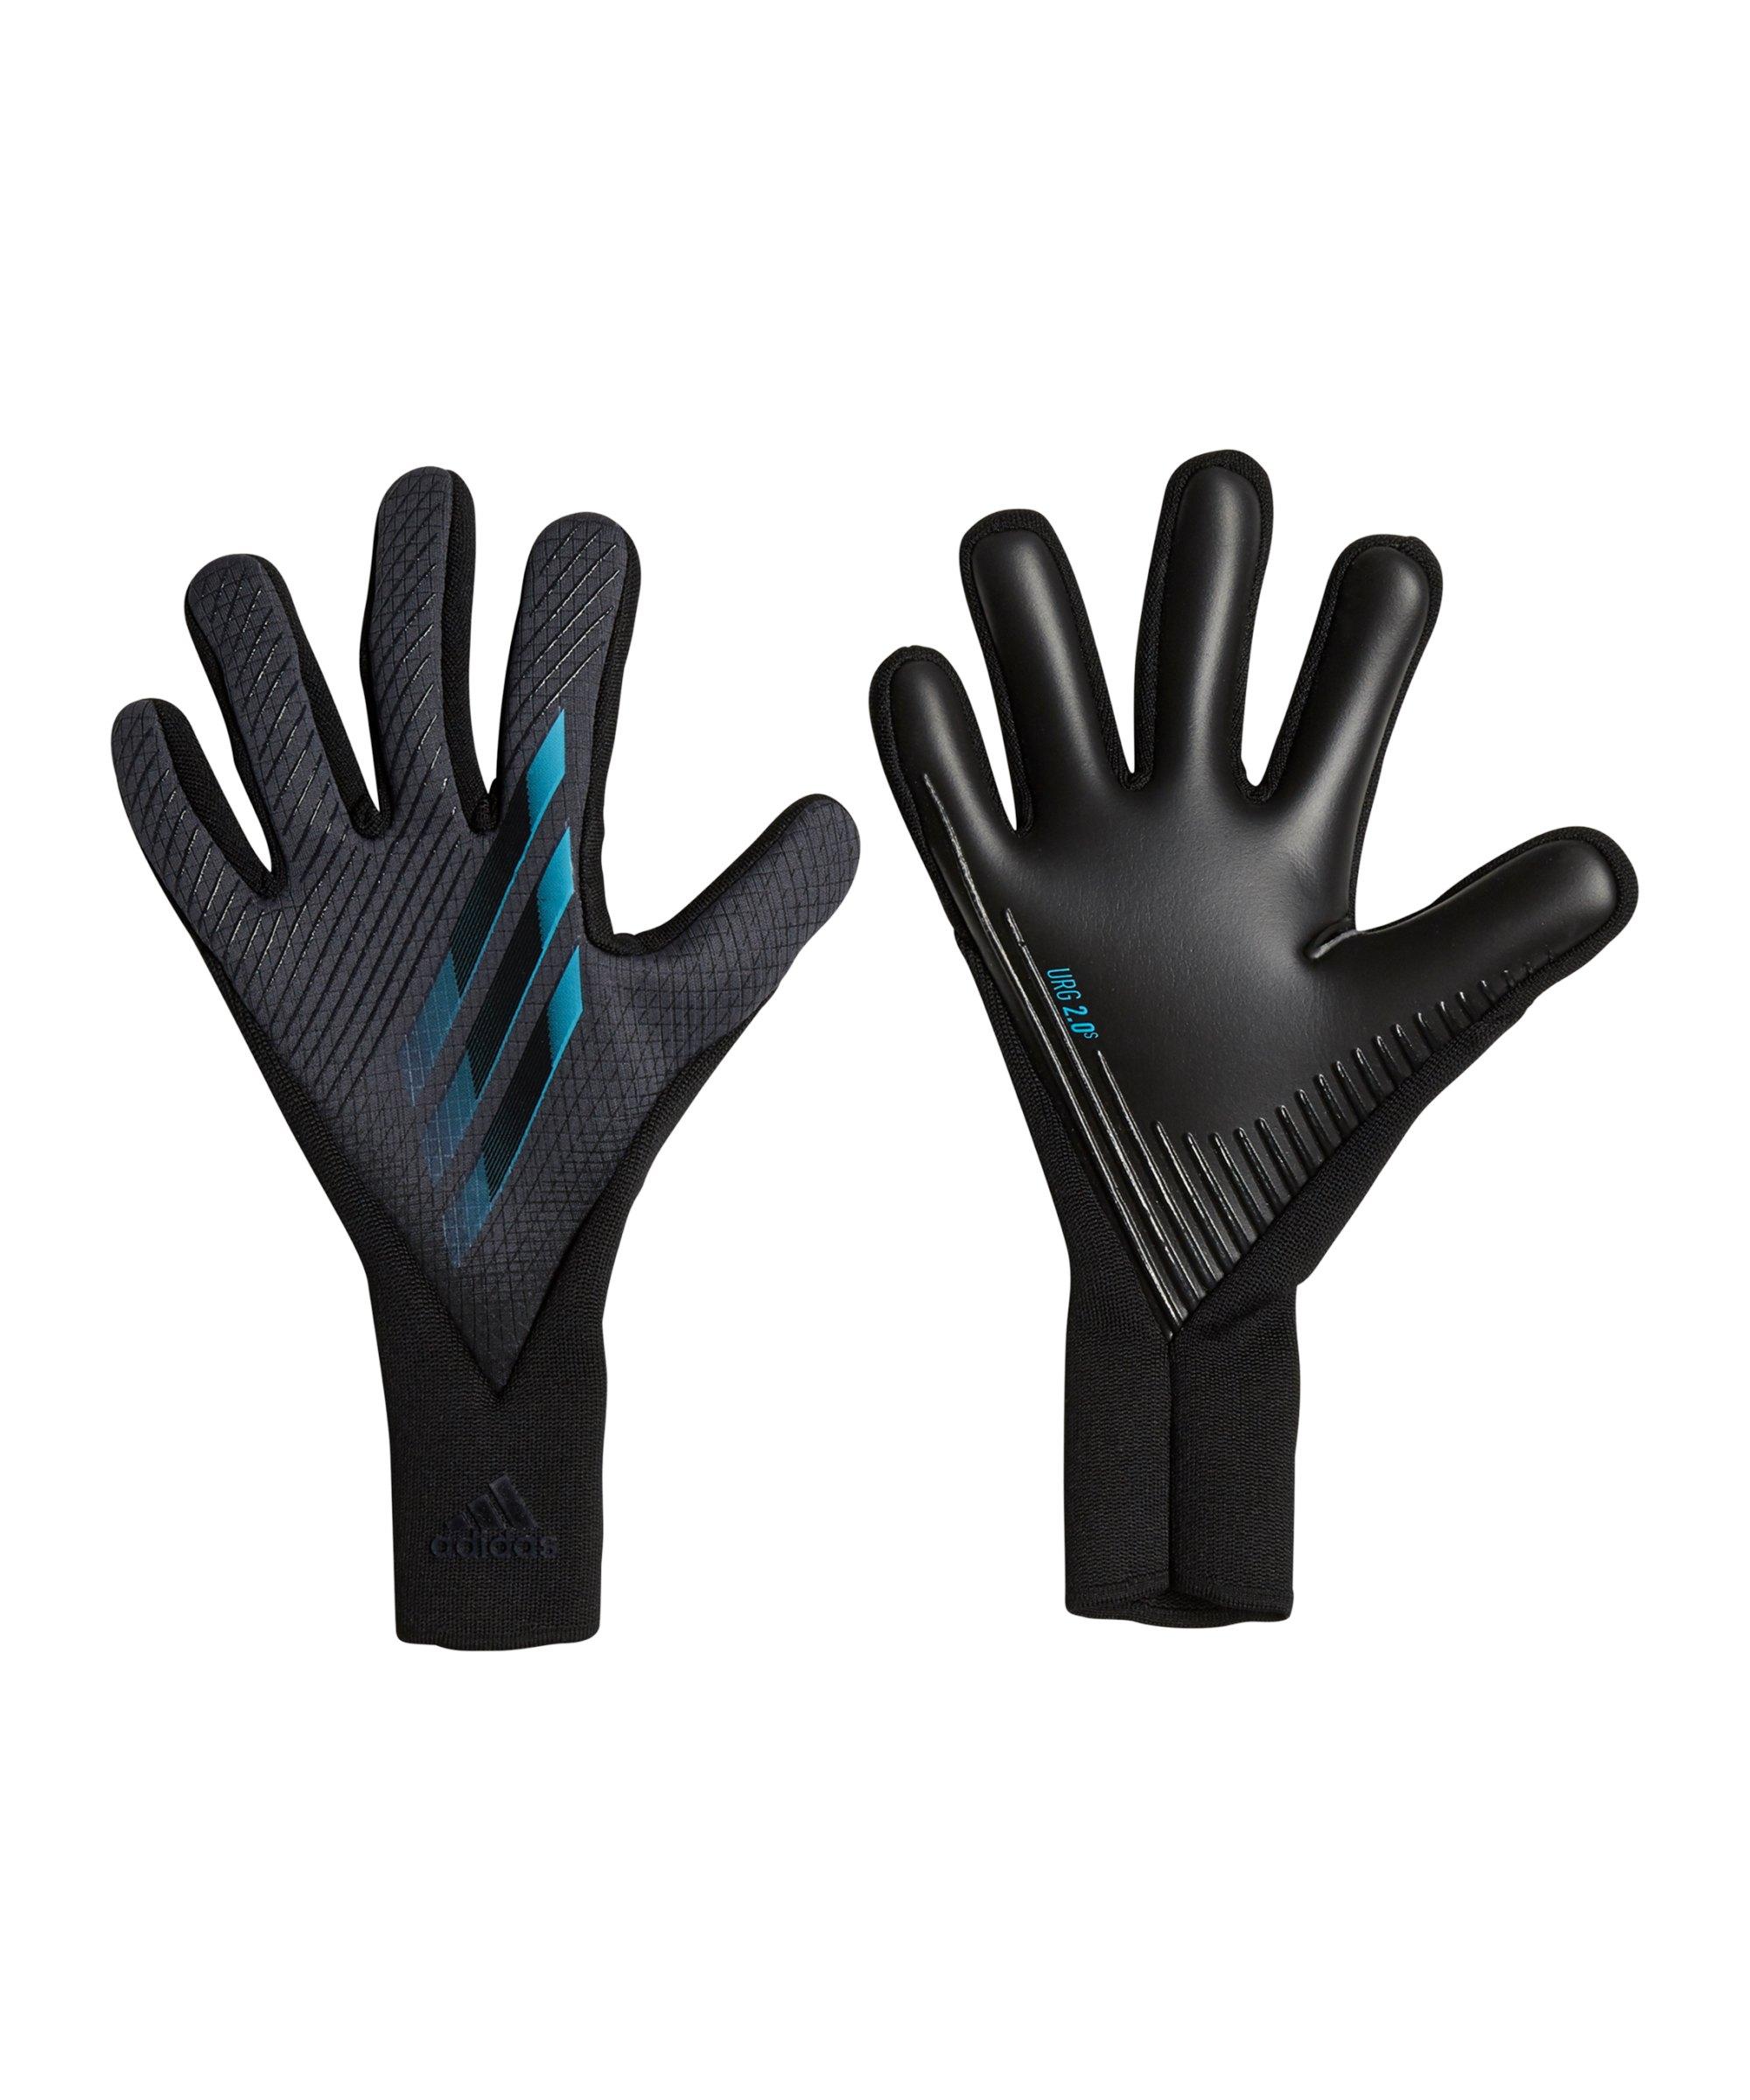 adidas X Pro Inflight Torwarthandschuh Schwarz Blau - schwarz